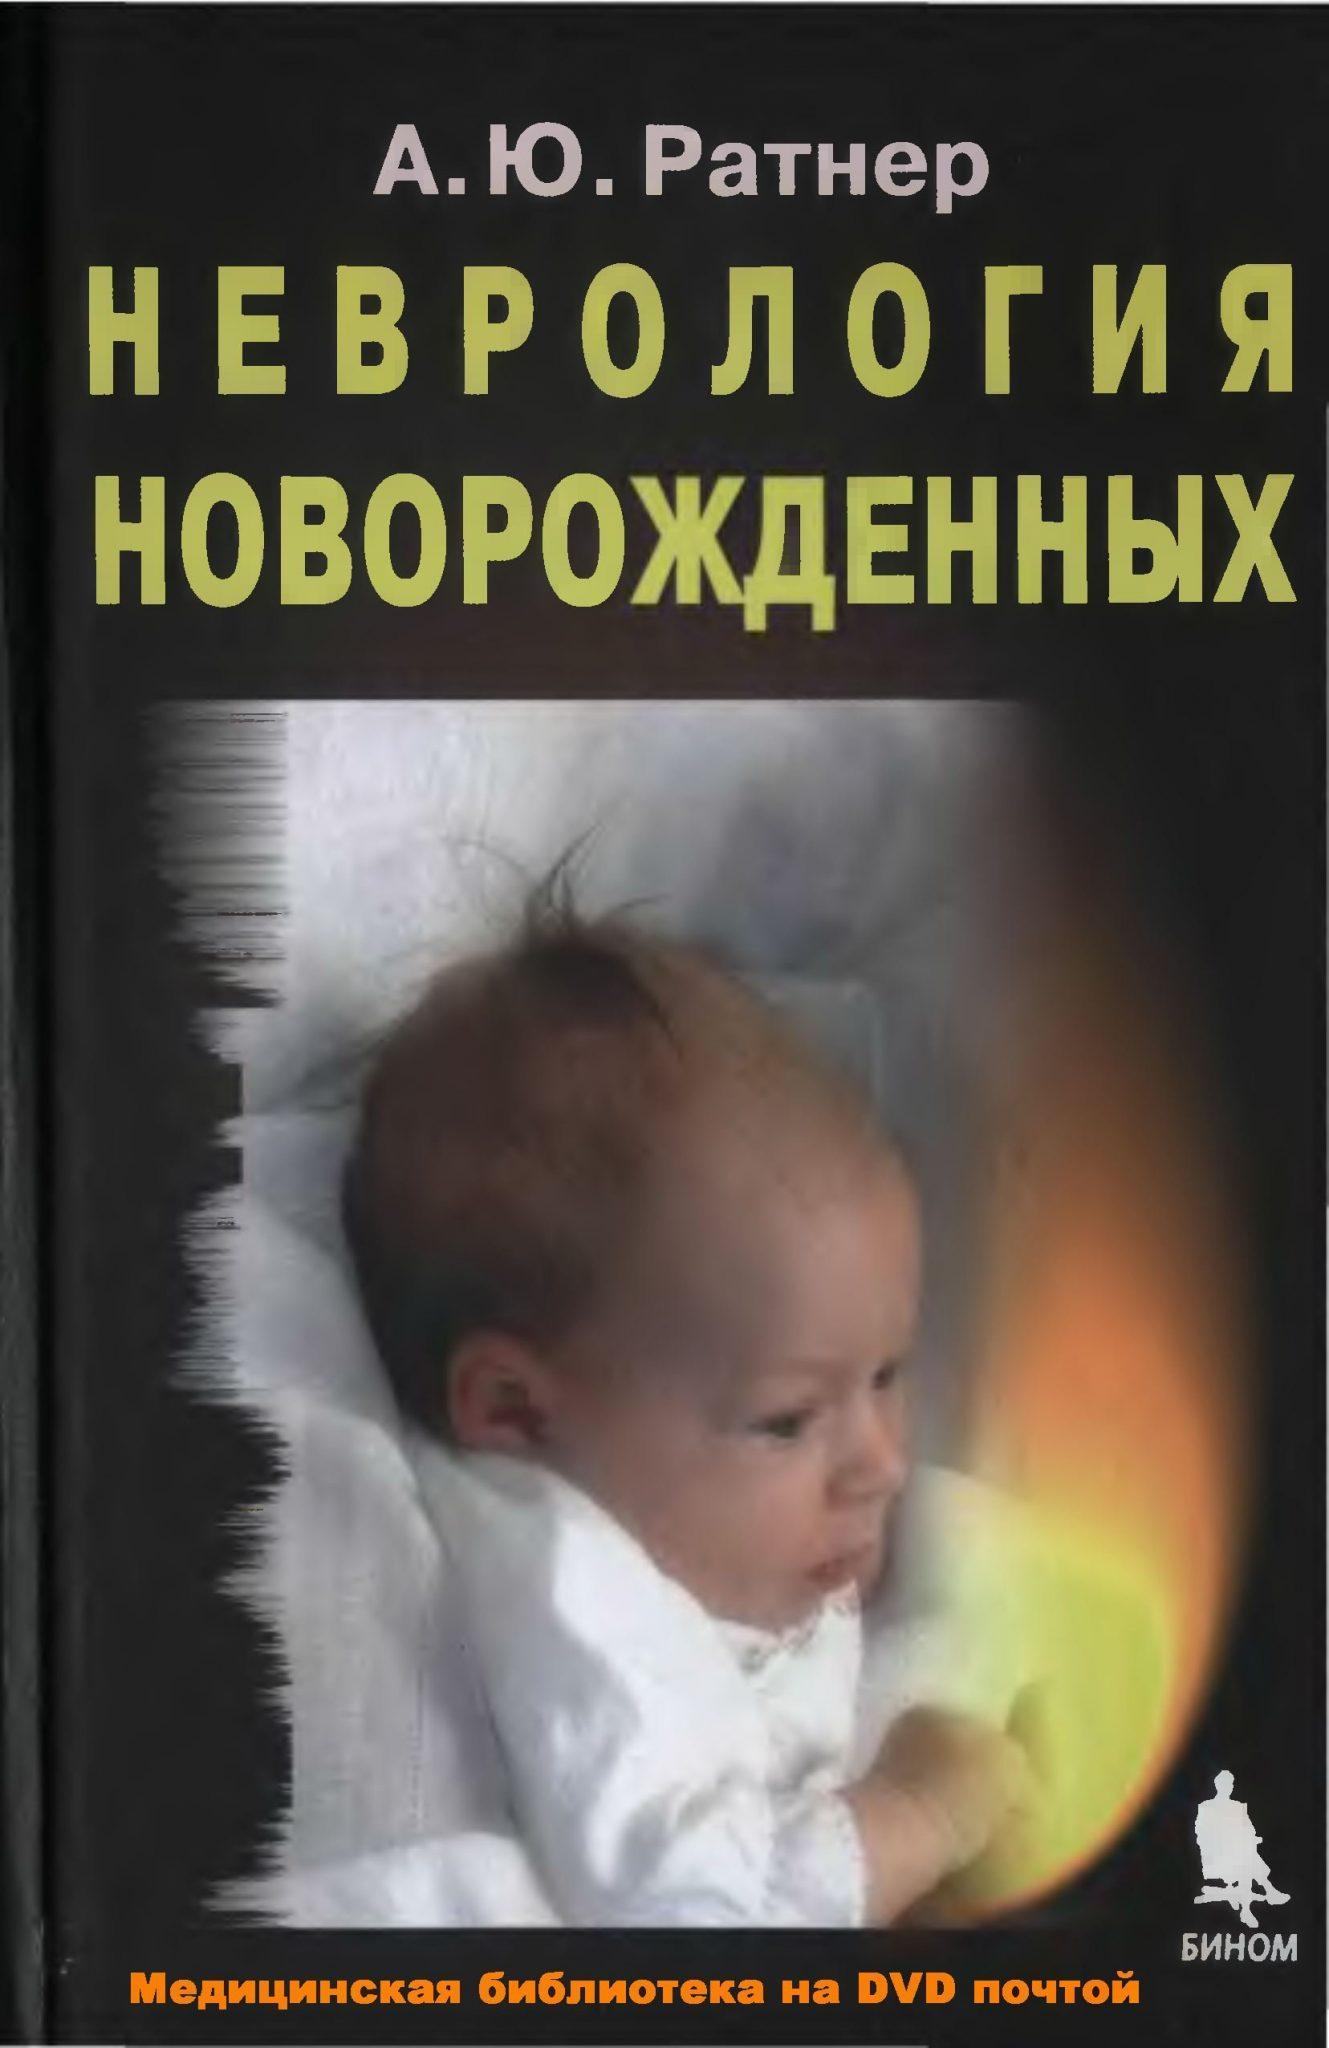 Неврология новорожденных. Ратнер А.Ю.